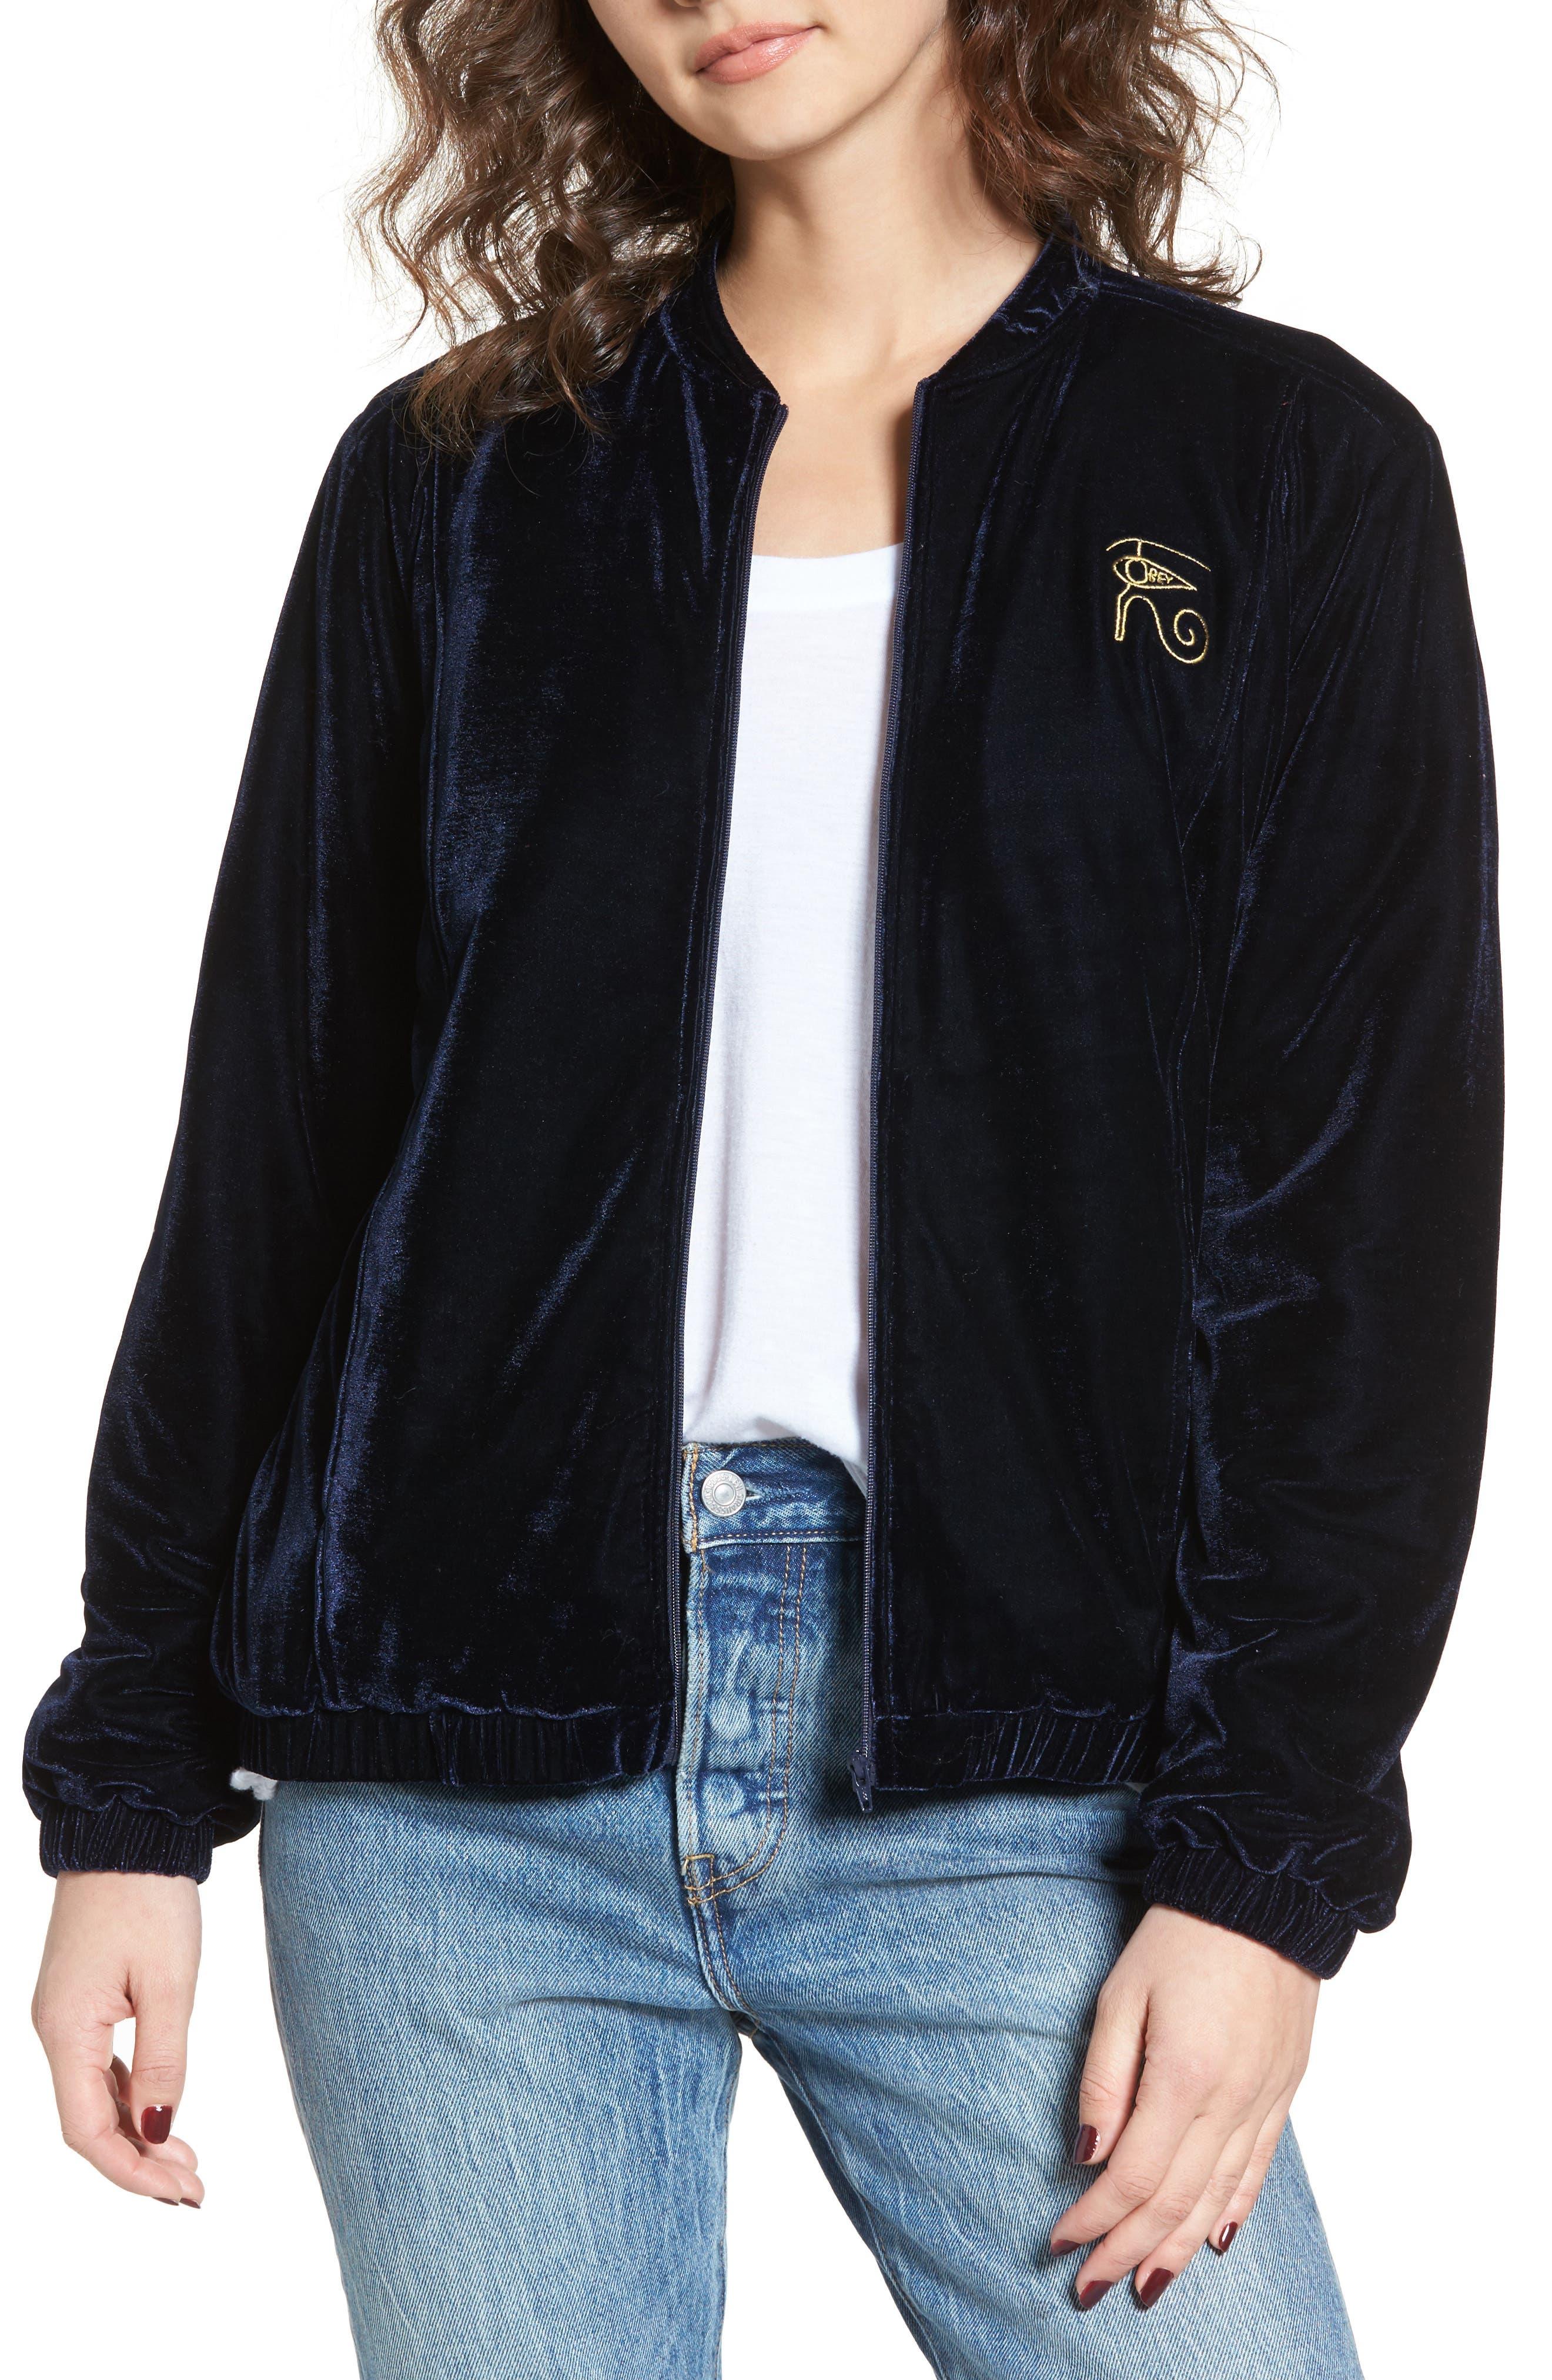 Alternate Image 1 Selected - Obey Spades Velvet Jacket